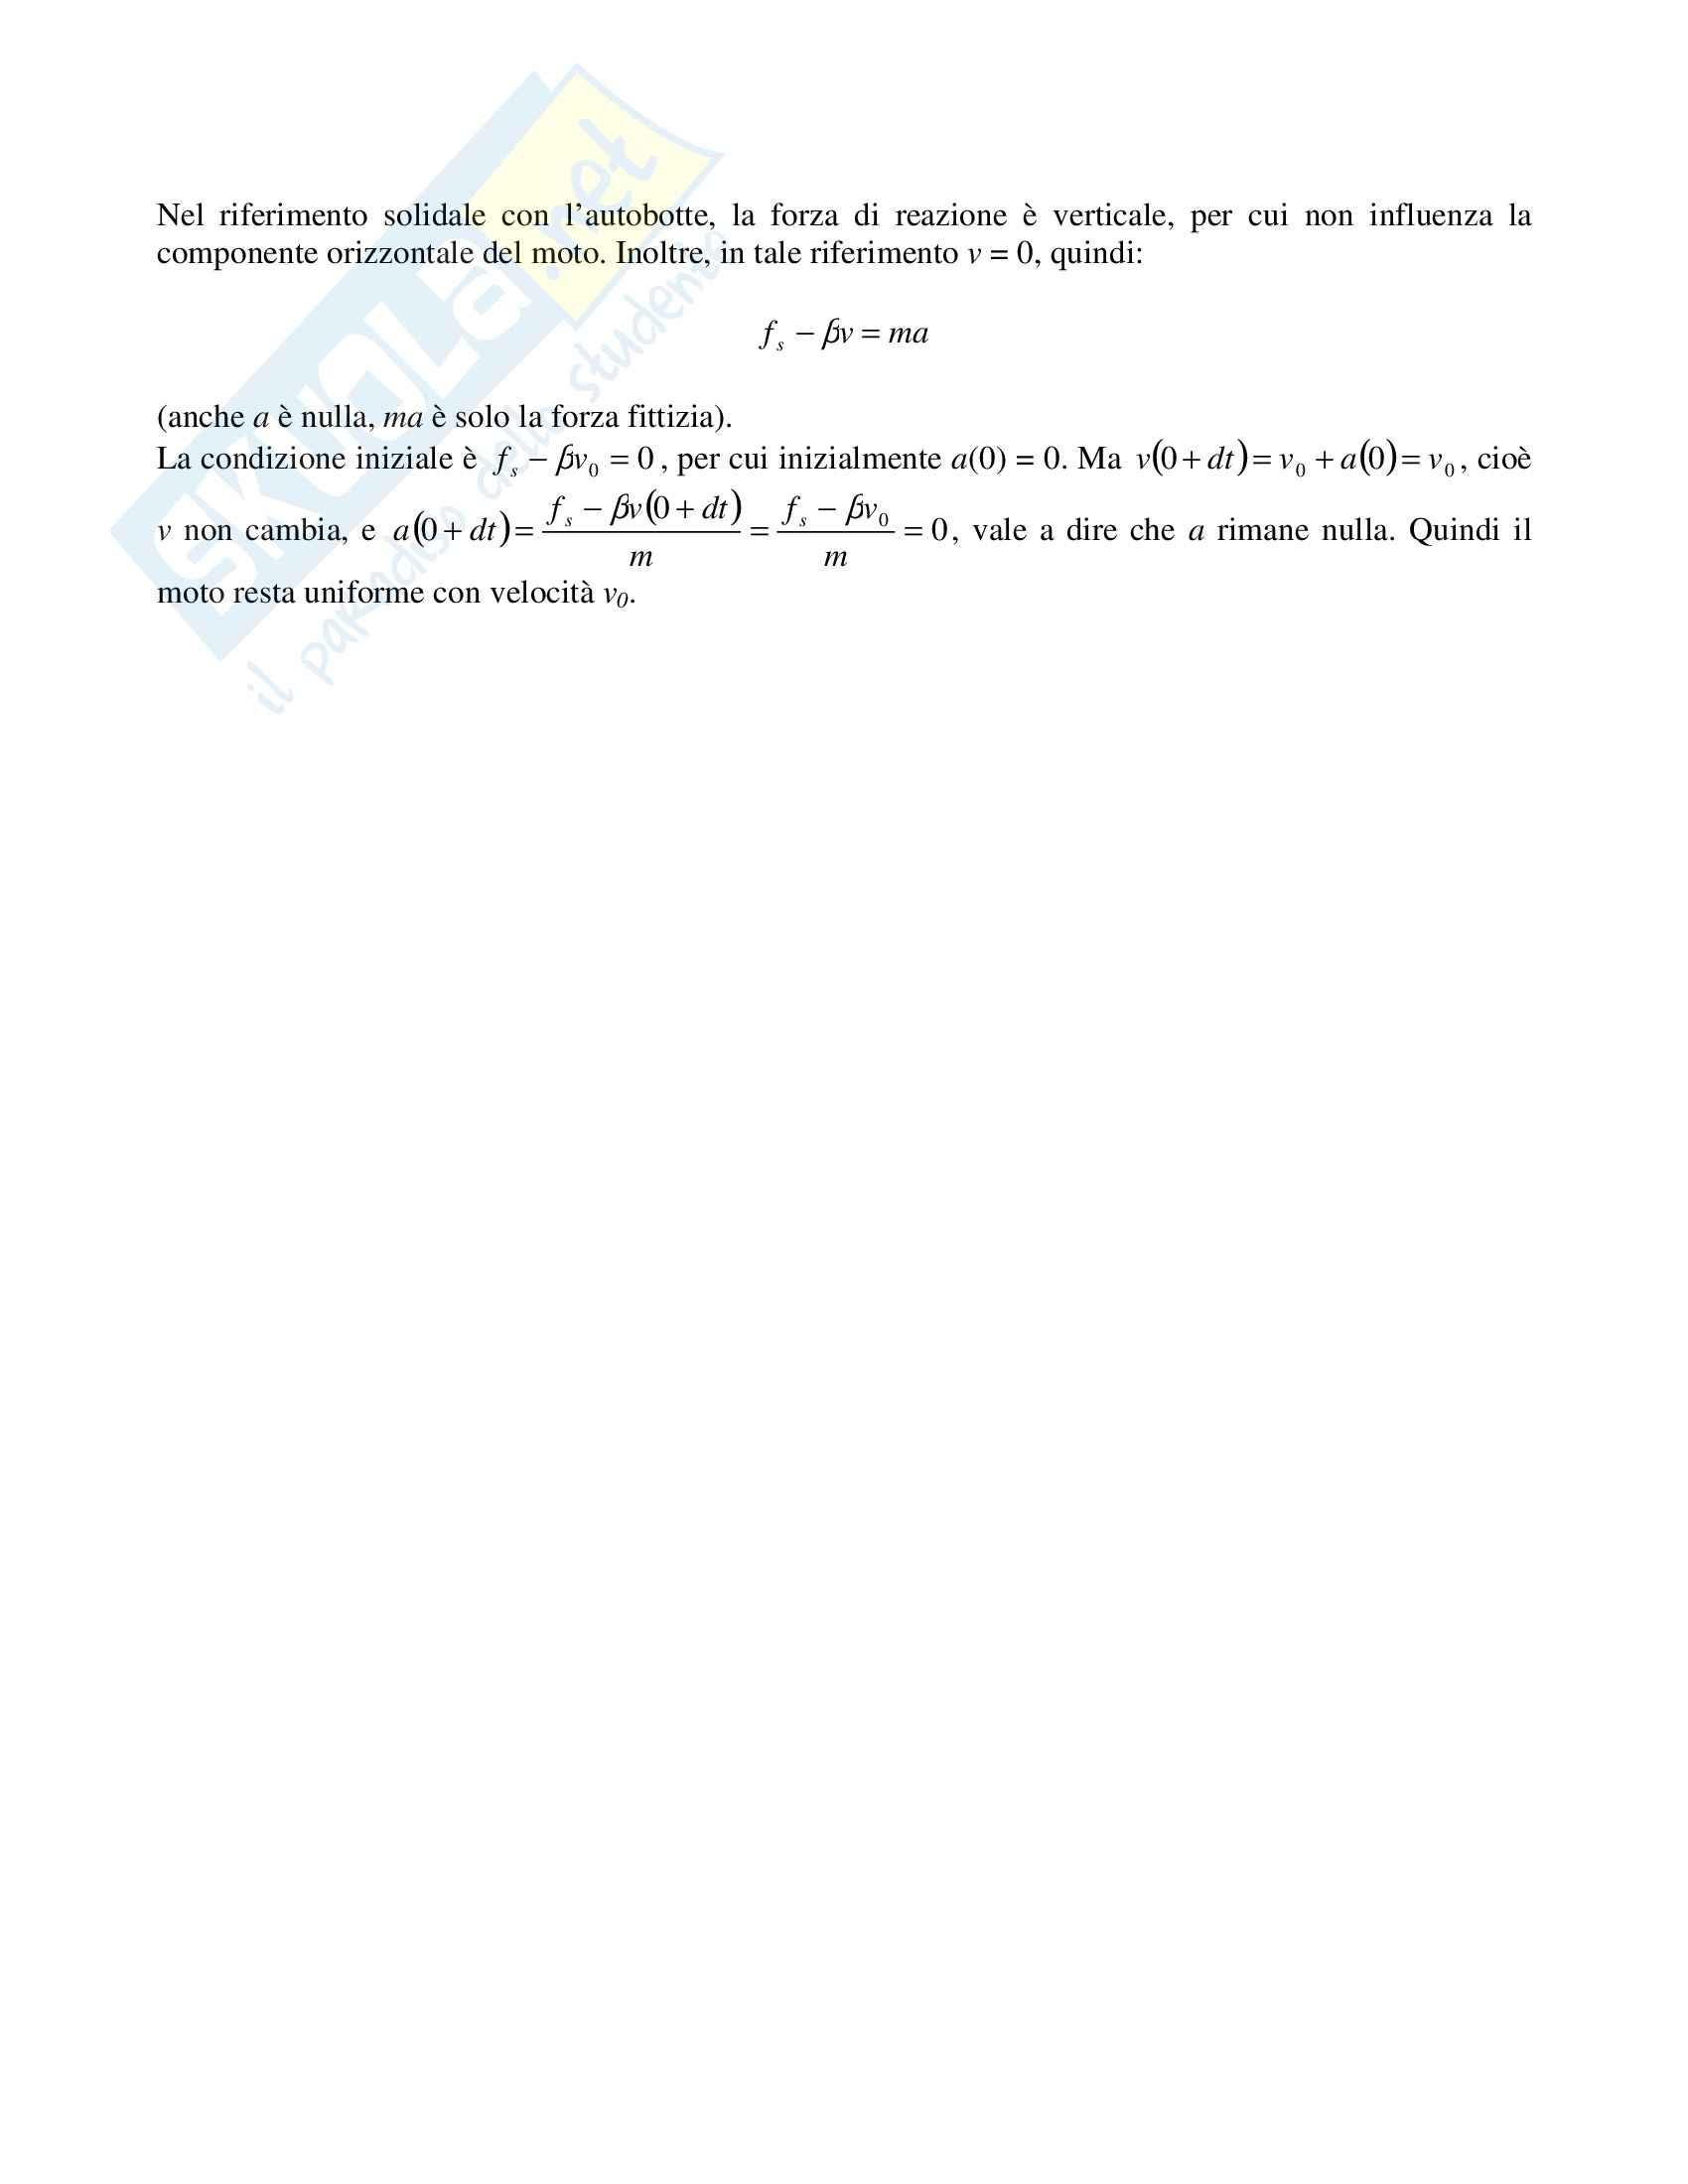 Risoluzione problemi di fisica Pag. 26